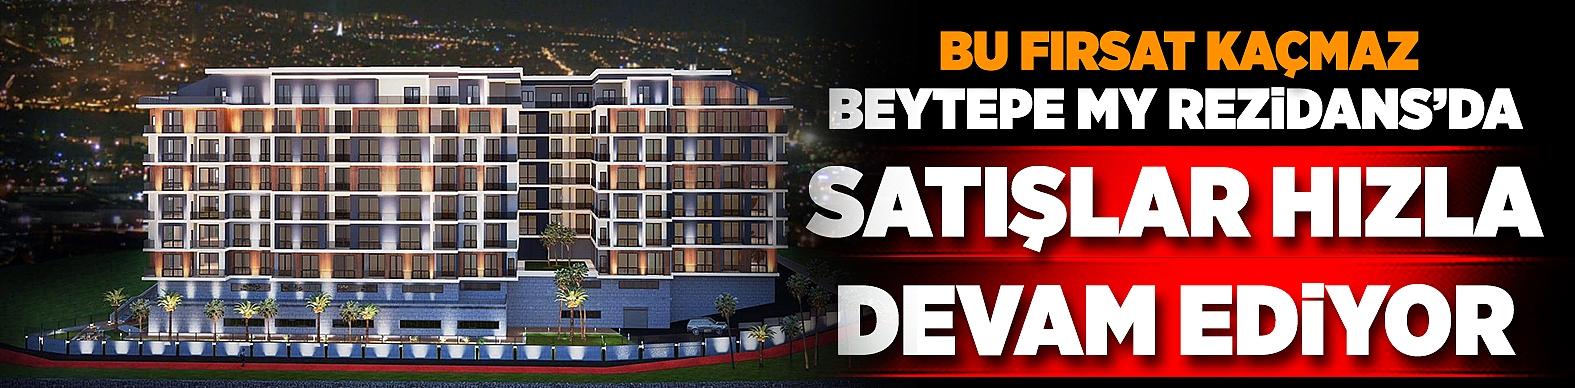 Beytepe My Rezidans'da satışlar hızla devam ediyor